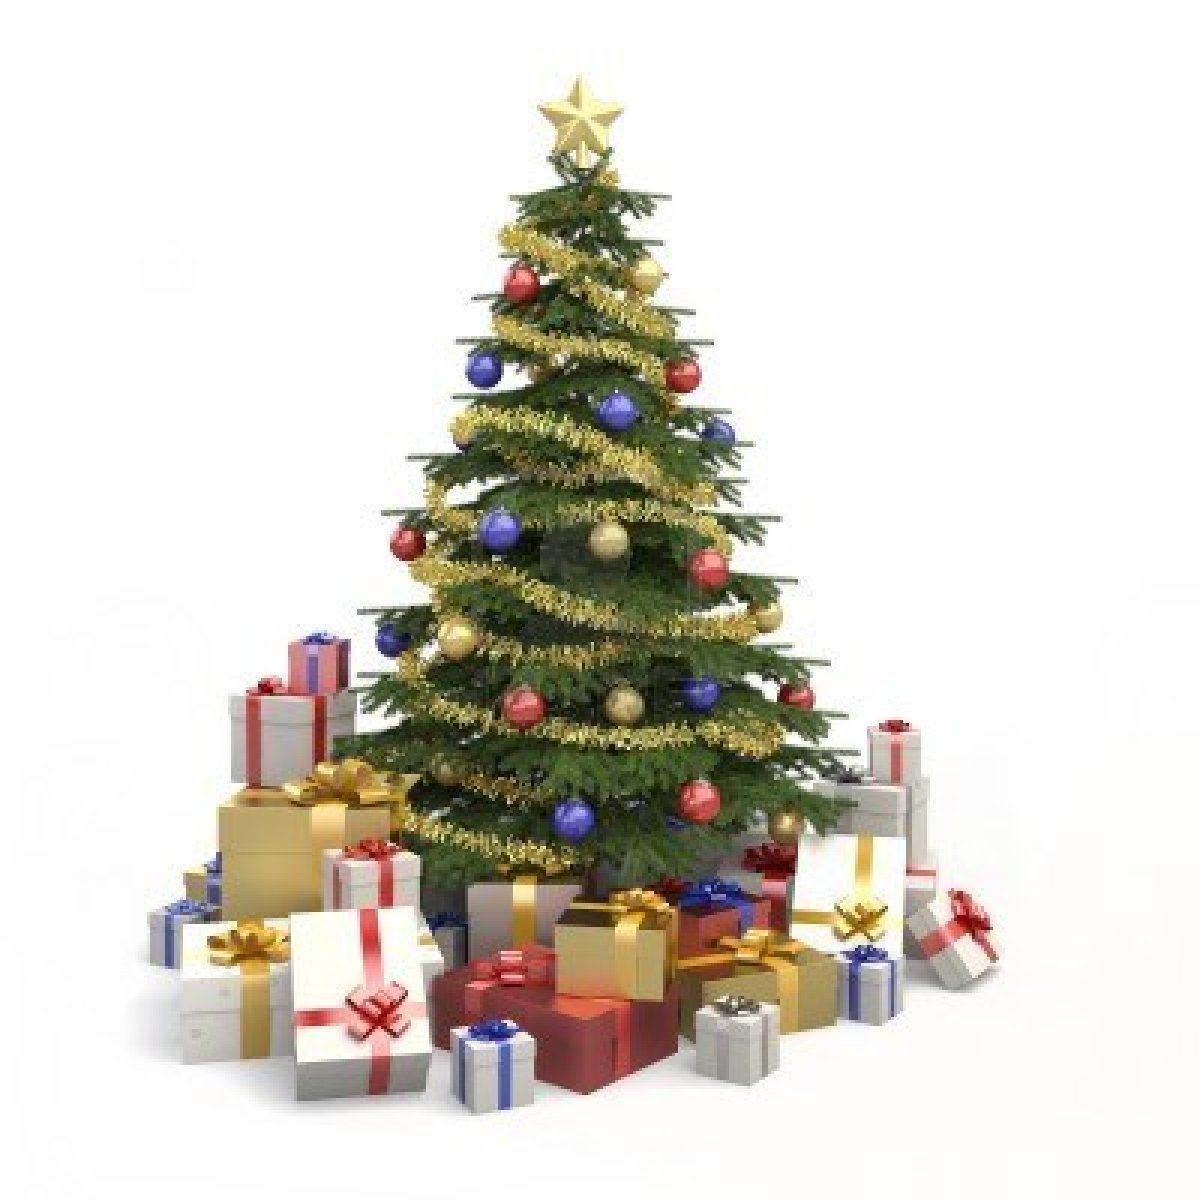 Arbol de navidad - Arbol de navidad adornos ...